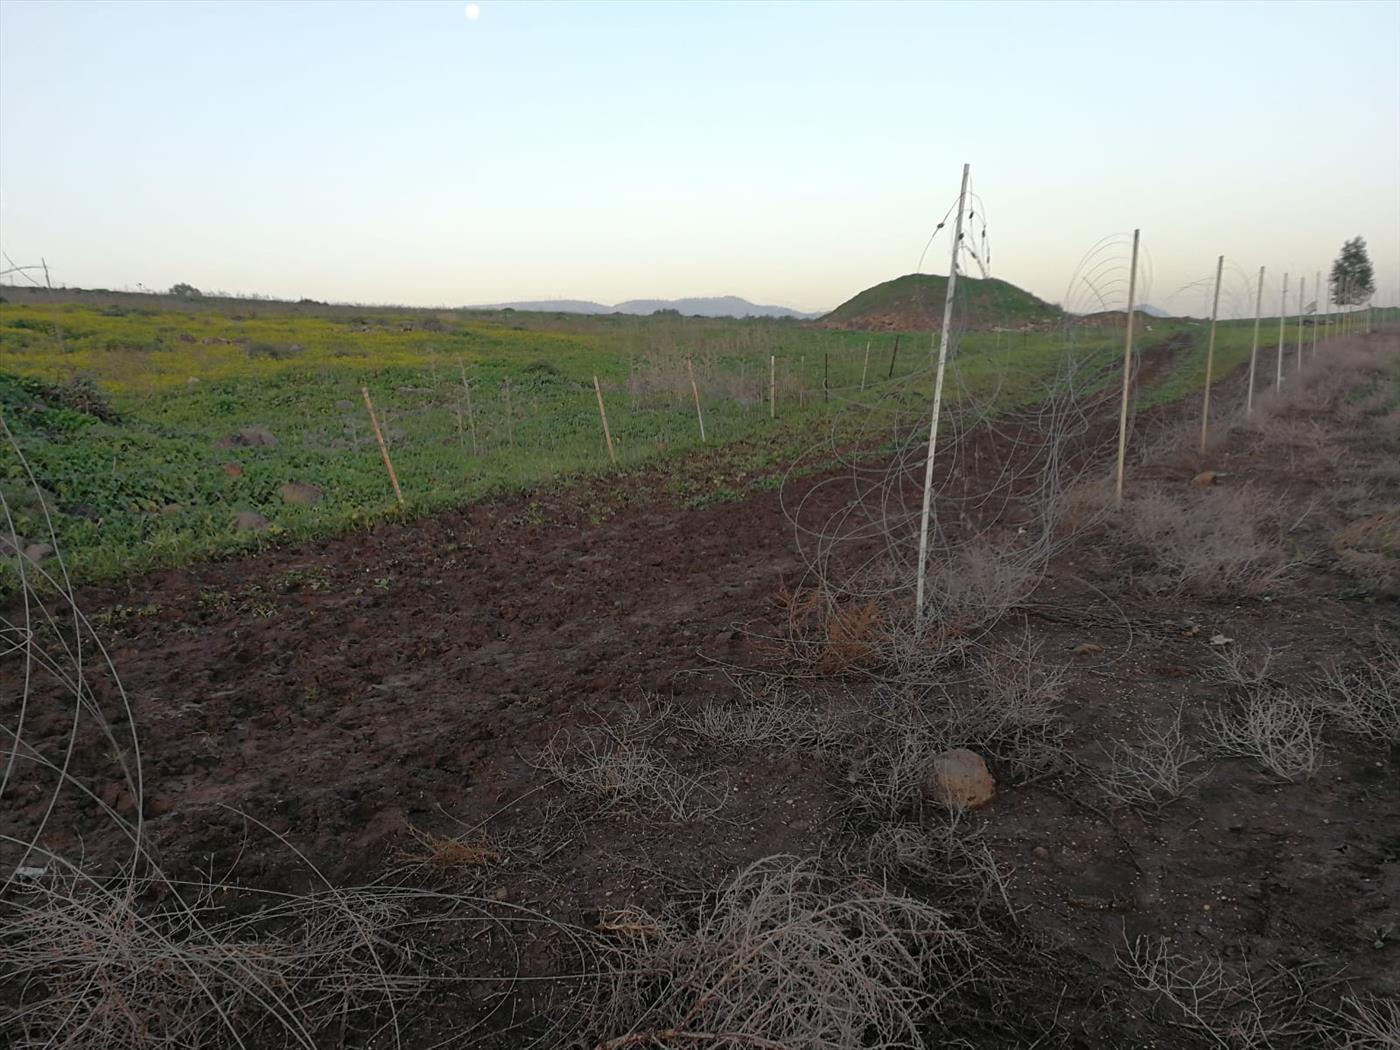 גדר הלולים שהושחתה (כפר הנשיא)